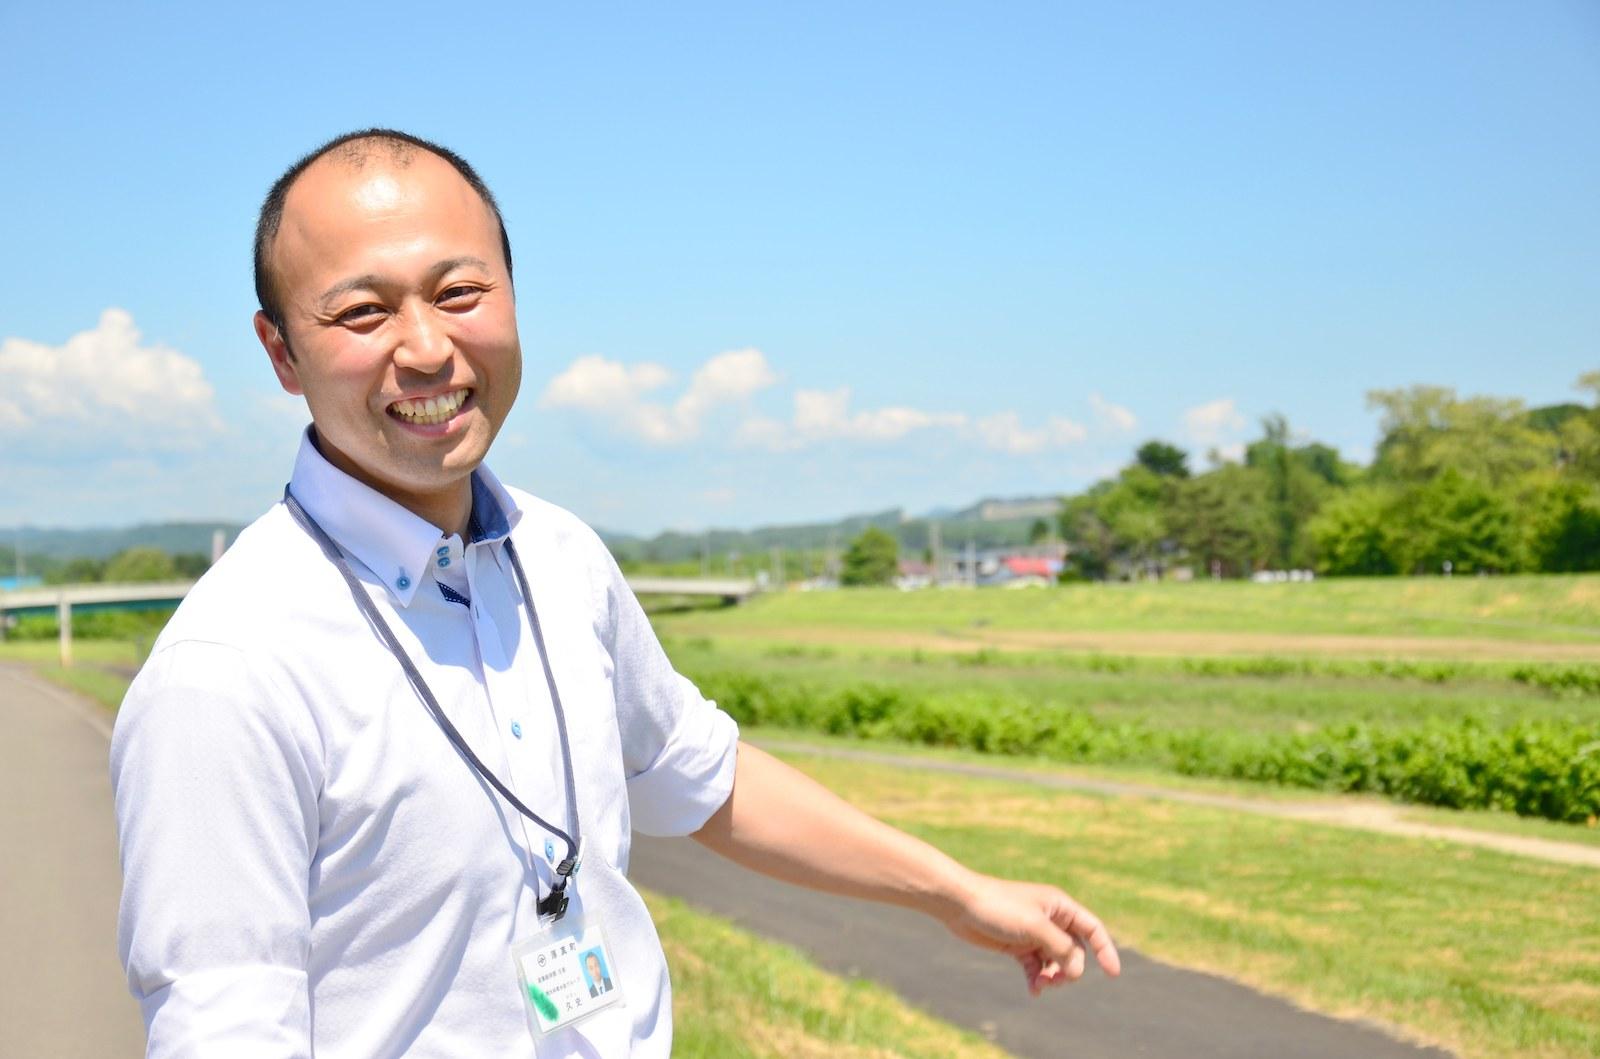 産業経済課の宮久史さん。林業の振興策や町の人材育成のプログラムに関わるなど仕事は多岐にわたる。